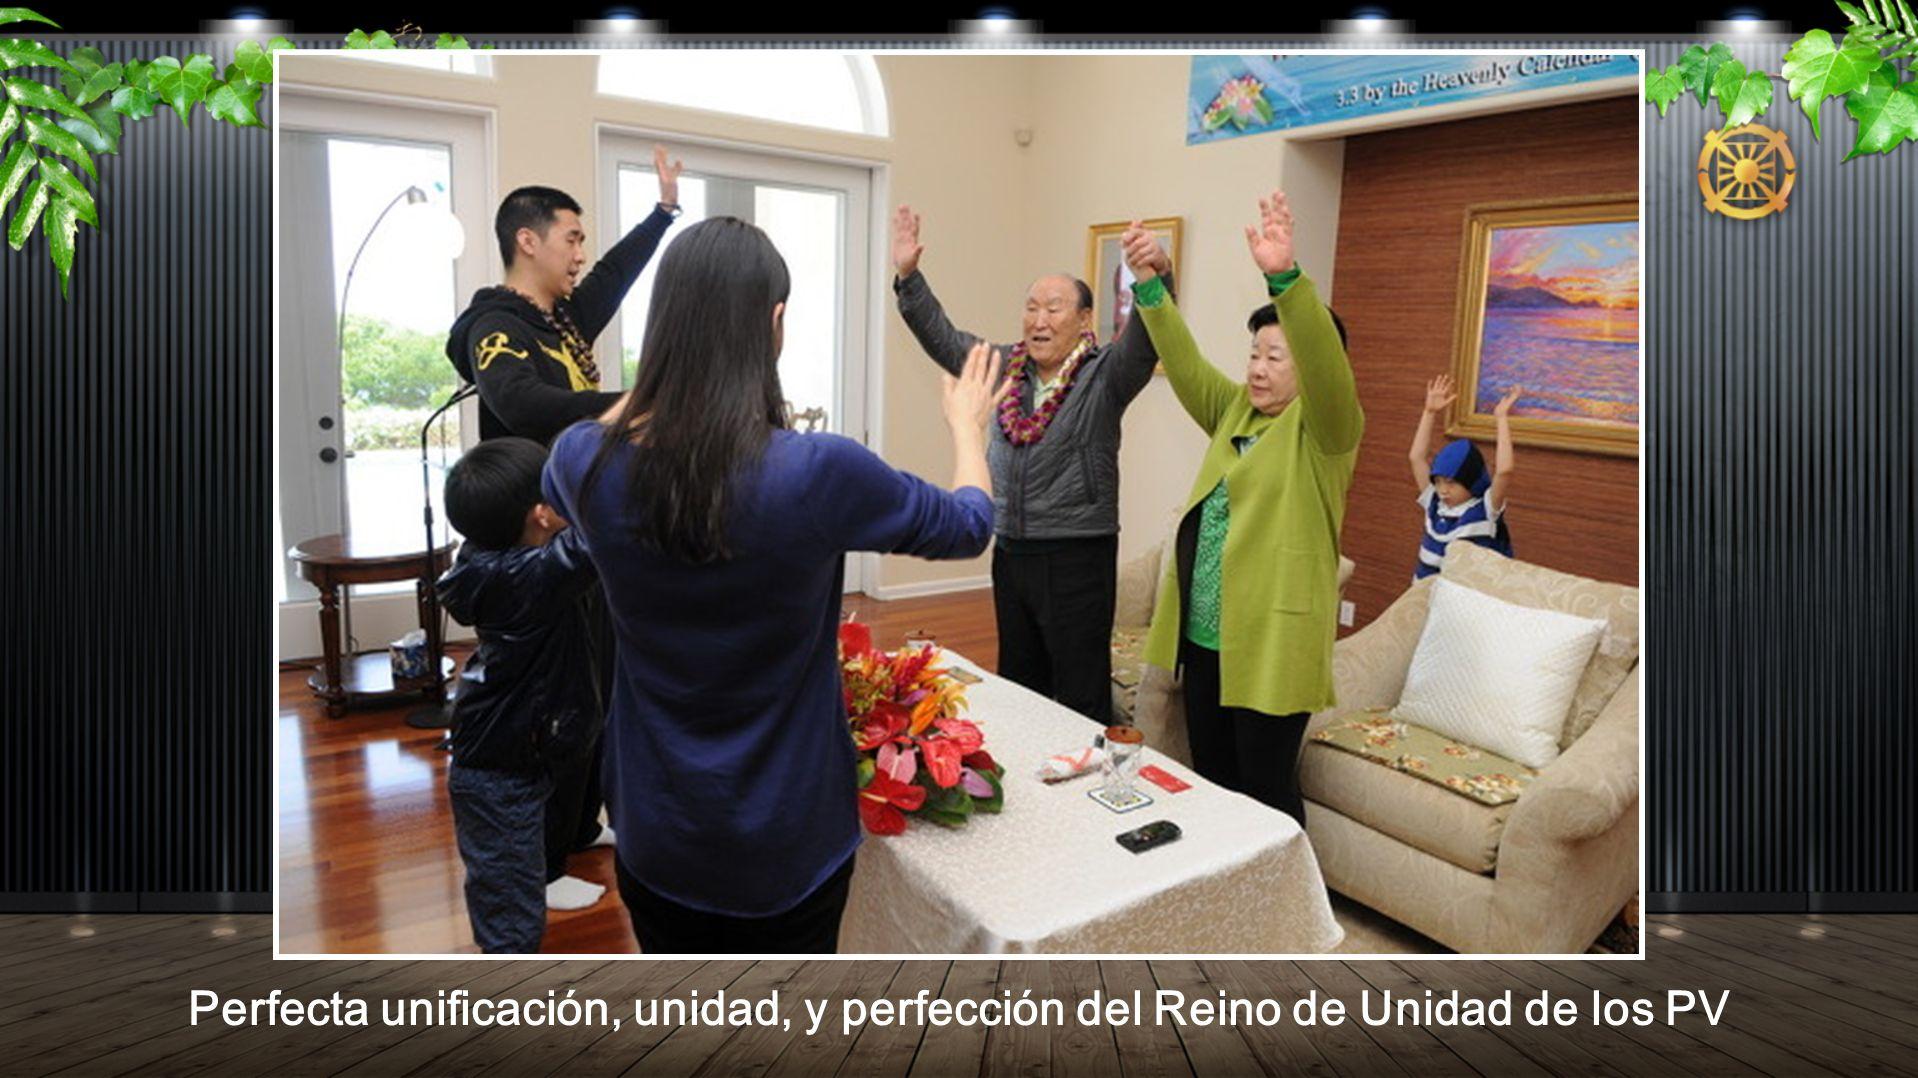 Perfecta unificación, unidad, y perfección del Reino de Unidad de los PV